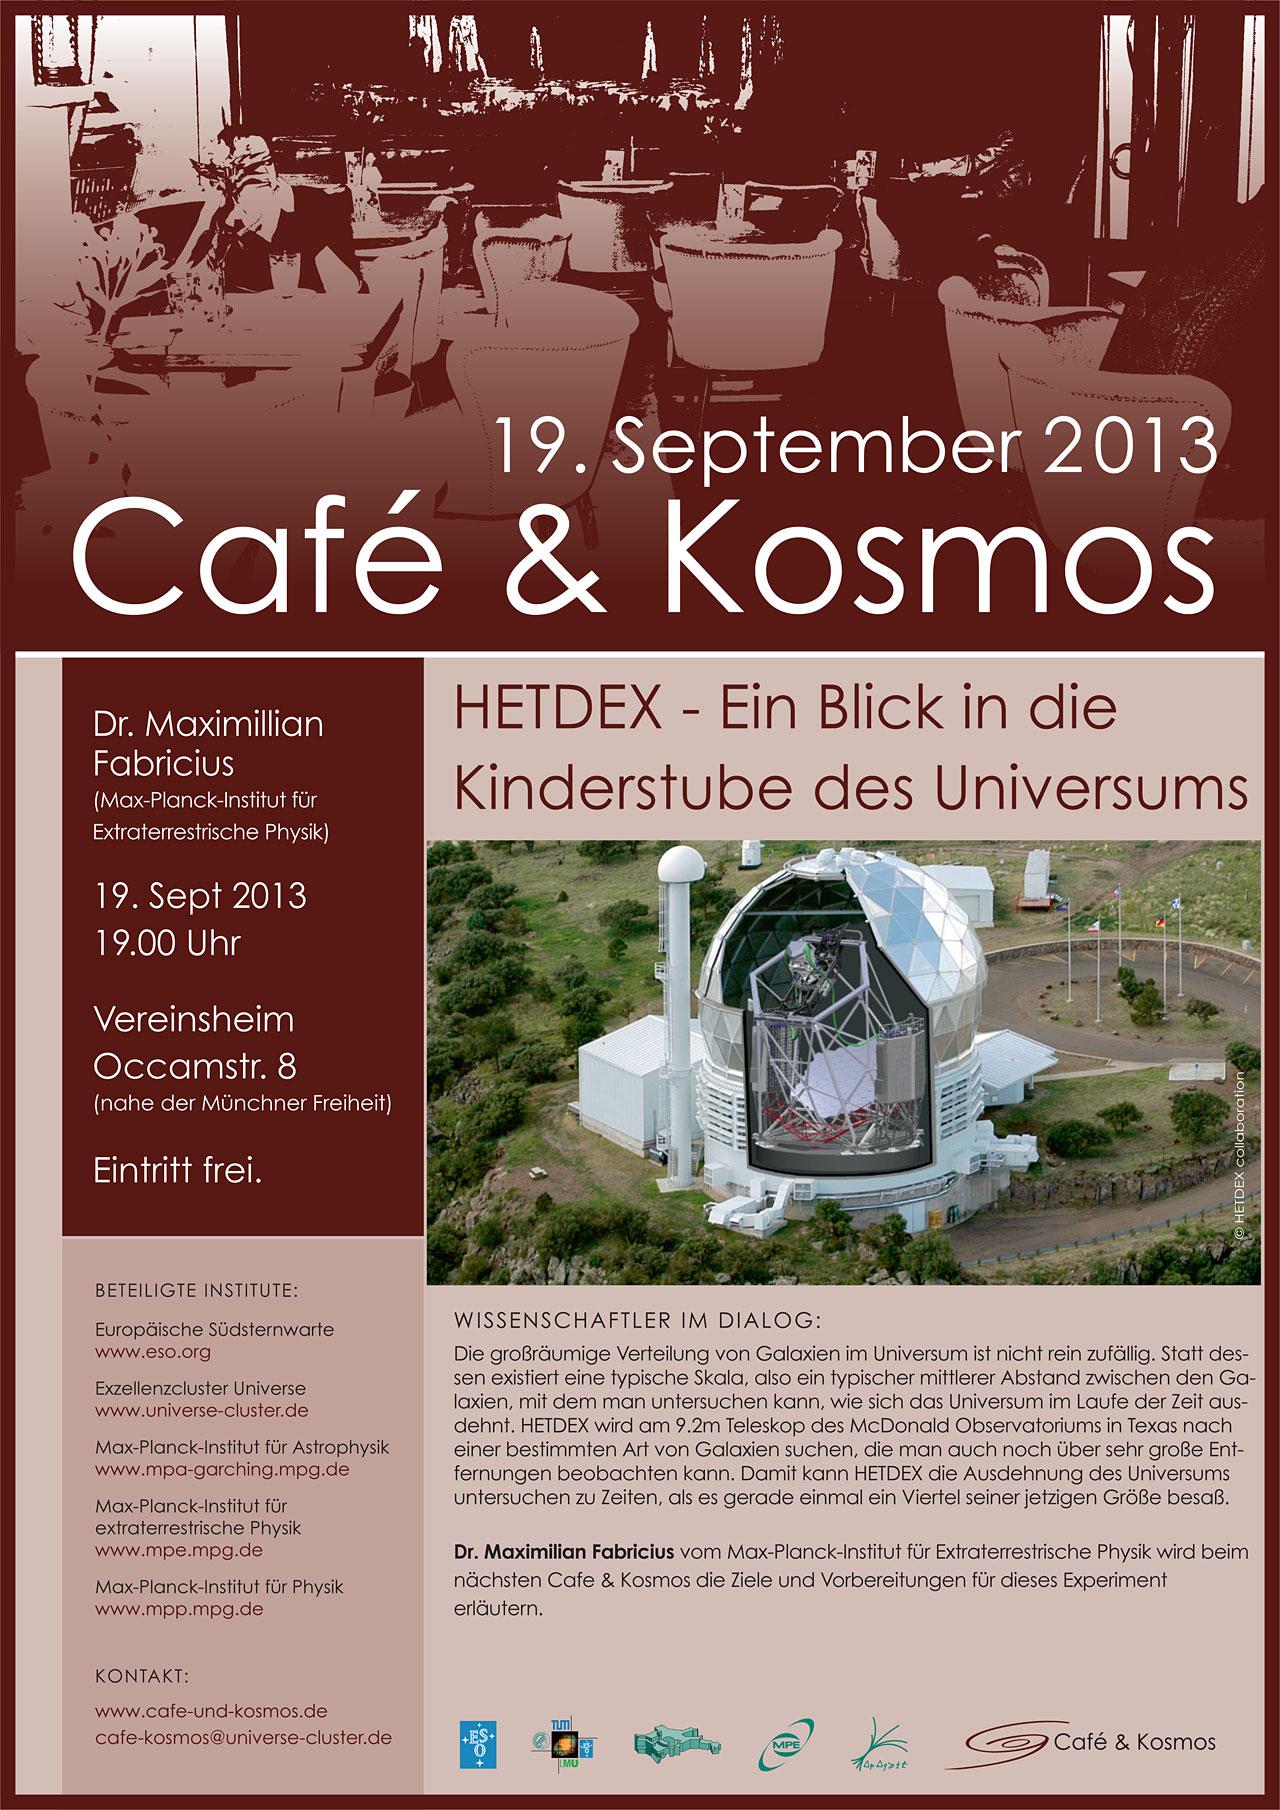 Poster zu Café & Kosmos am 19. September 2013